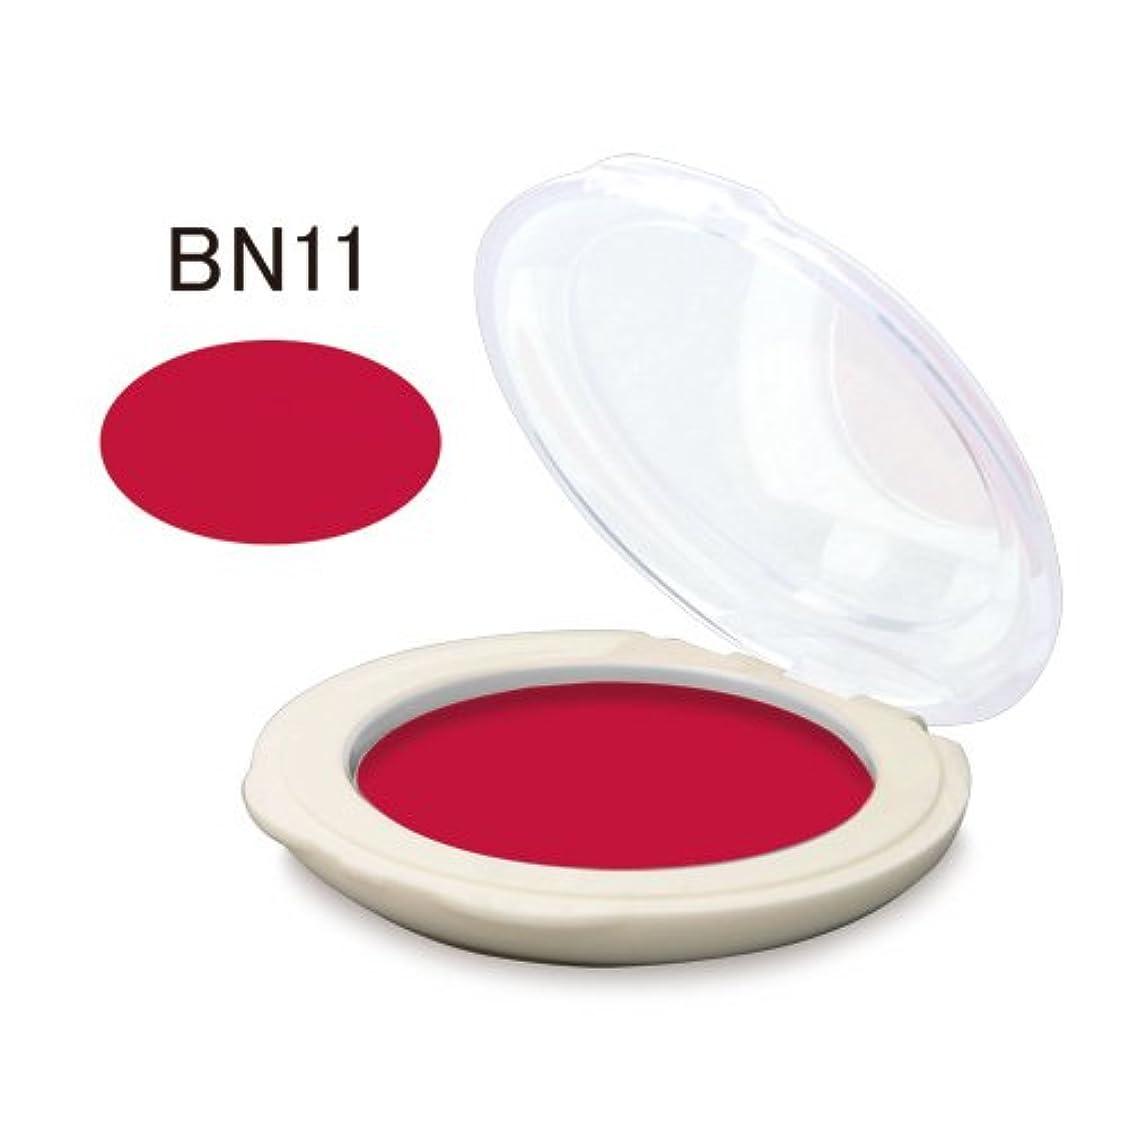 背景予防接種大砲舞台屋リップ(マット系) (BN11)